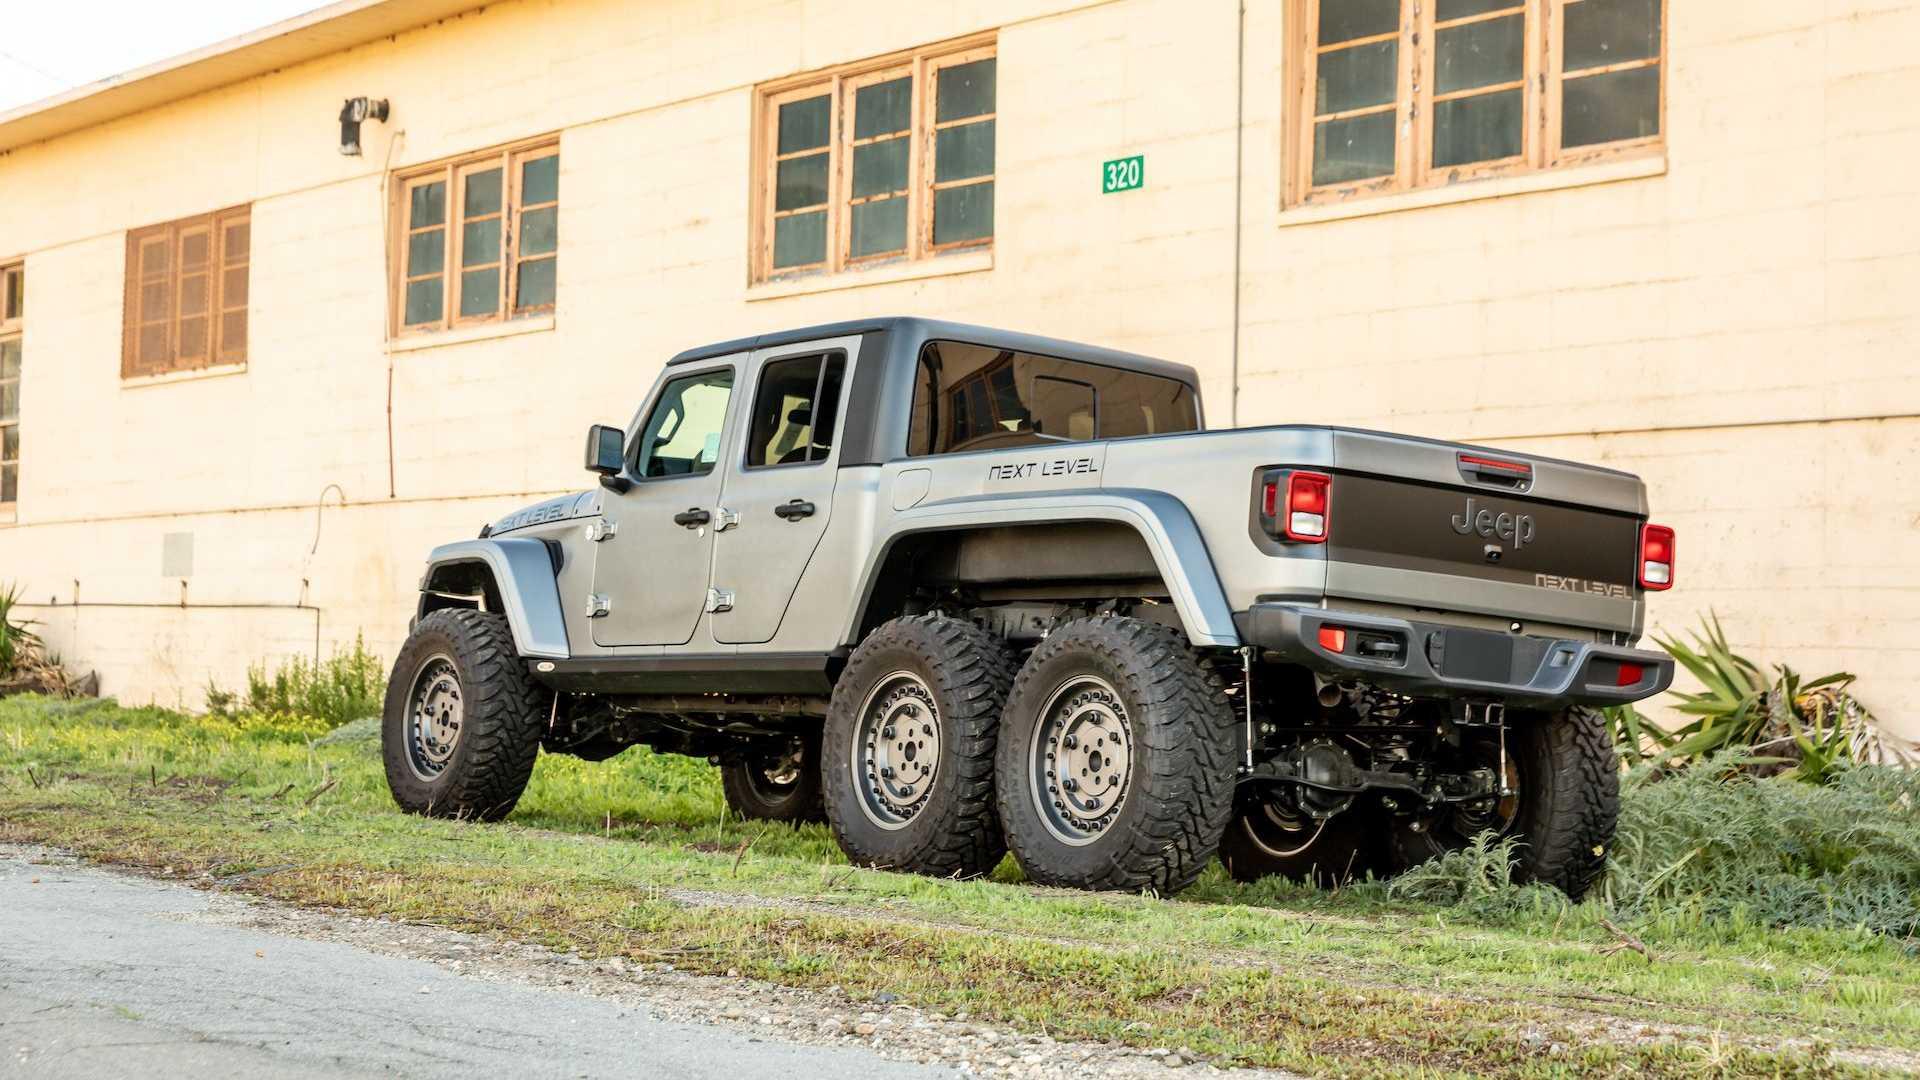 Jeep-Gladiator-6x6-by-Next-Level-8